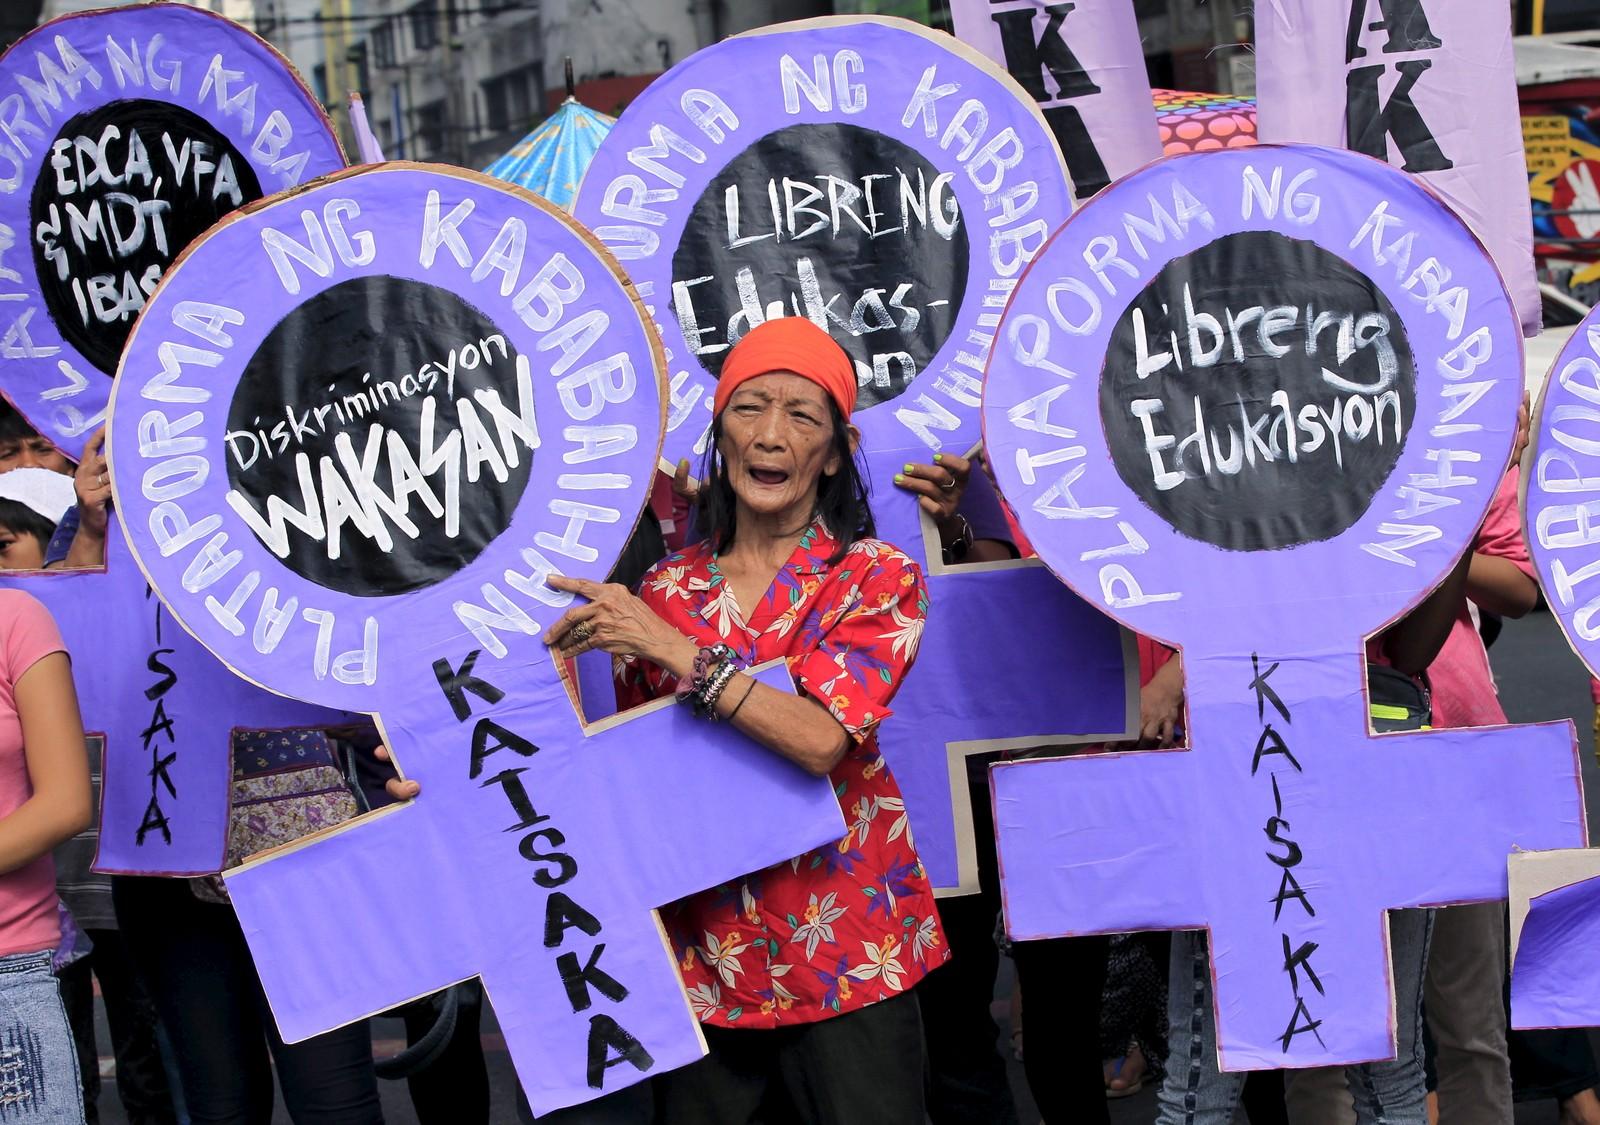 """INDONESIA: Aktivister i Manila på Filippinene demonstrerer utenfor presidentpalasset 8. mars 2016. På plakatene står det """"Slutt på diskriminering"""" og """"Gratis utdanning""""."""